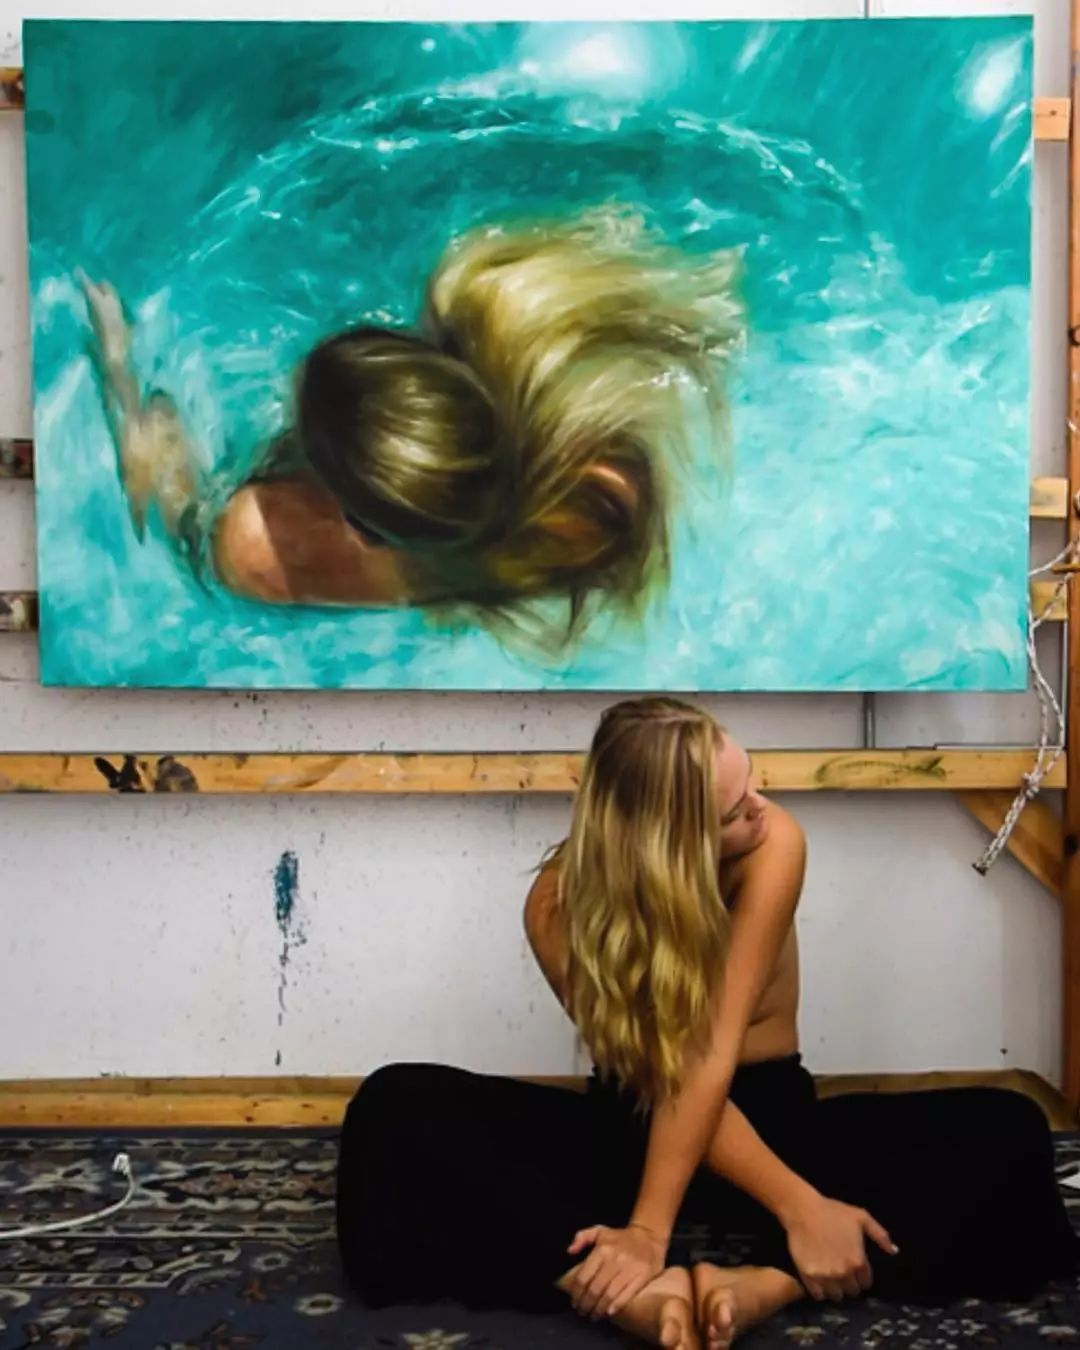 炎炎夏日90后美女画家,不拼颜值拼画功,绘出水下美女淋漓细节插图14